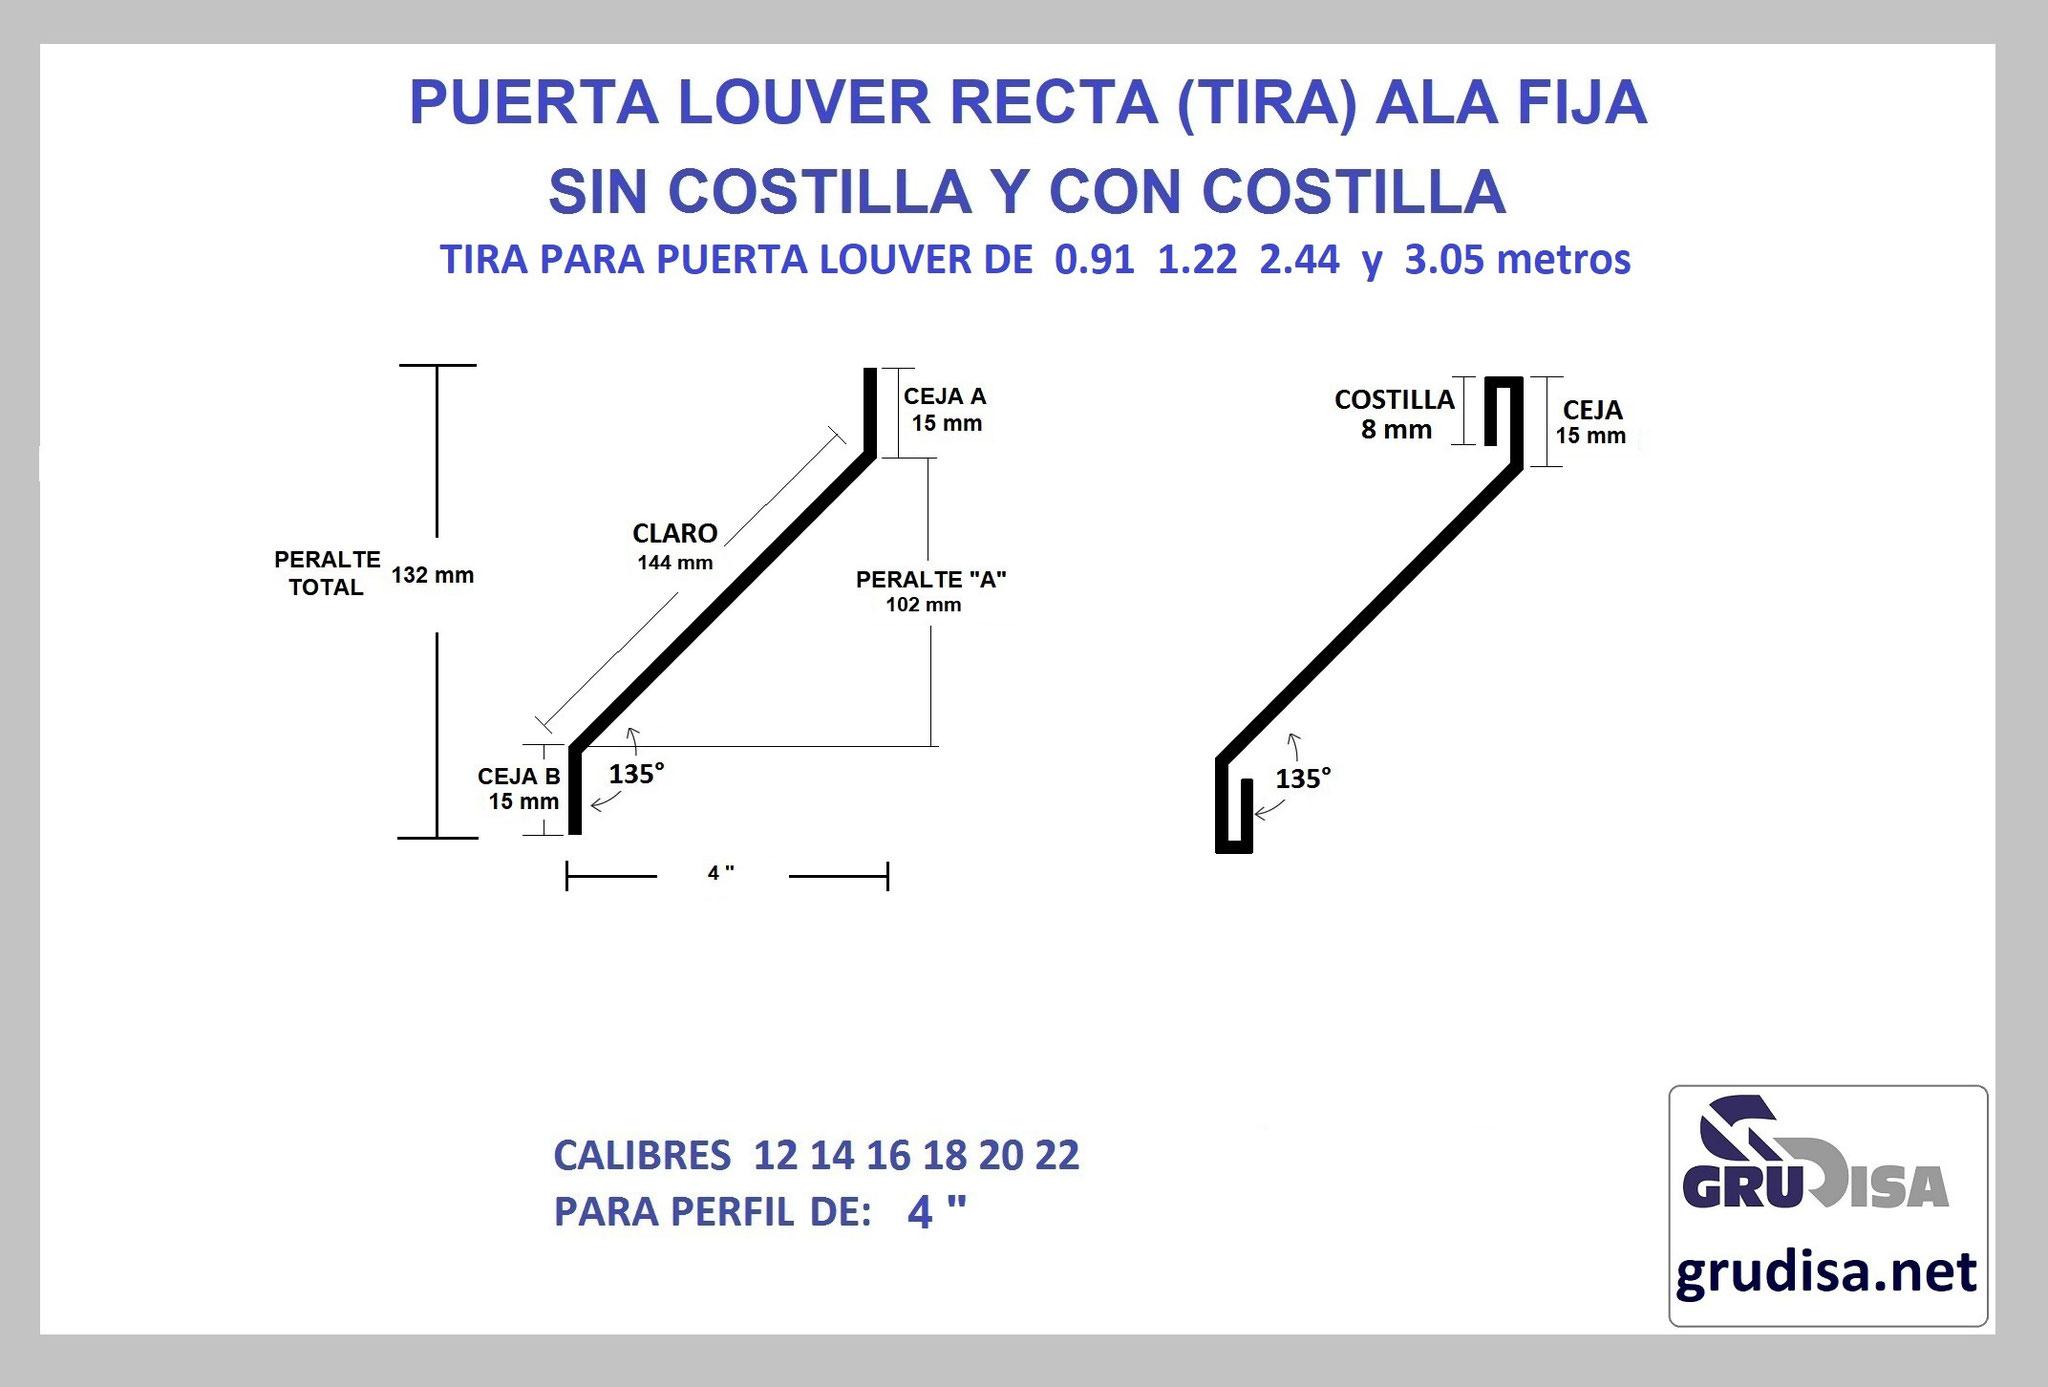 """PUERTA LOUVER (TIRA) MODELO RECTA PARA ARMAR EN PERFIL DE 4"""""""